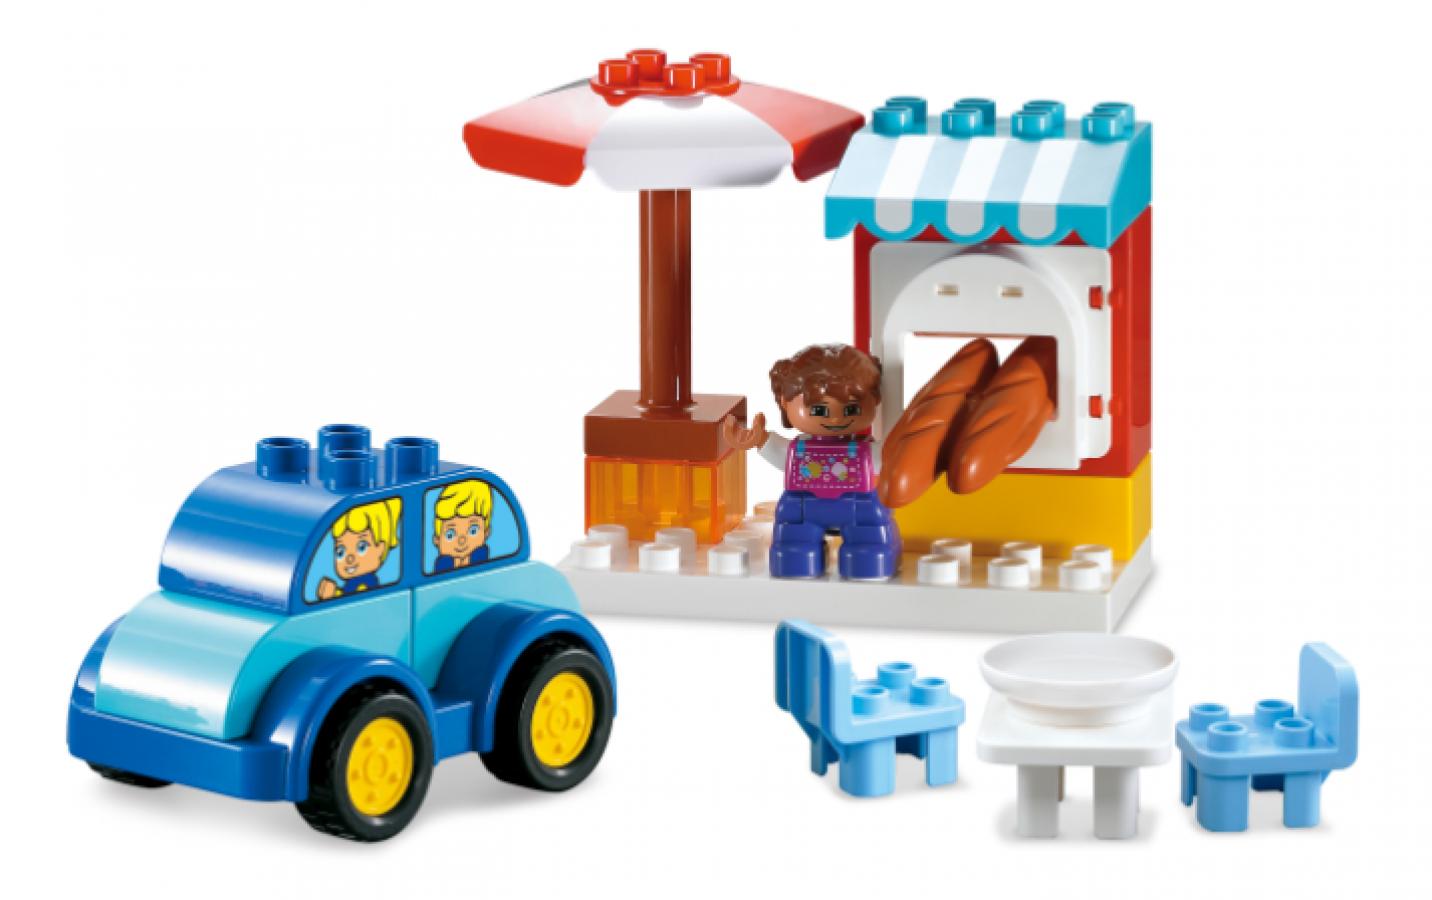 Bộ Xếp Hình Quầy Bán Hàng Toyshouse Cho Bé